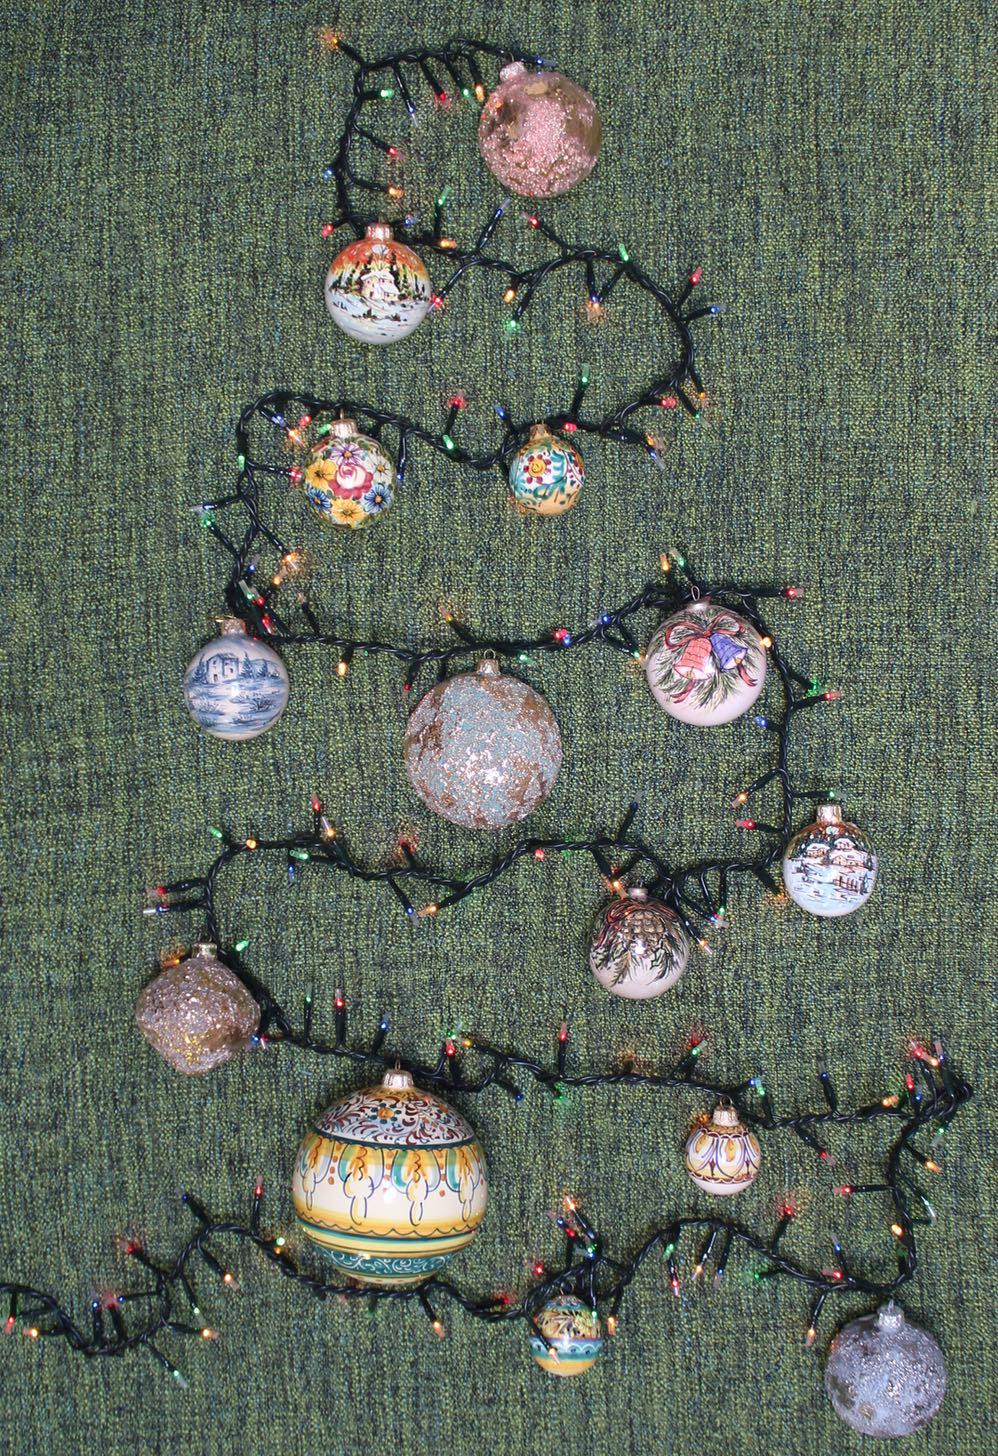 Decorazioni natalizie quando nasce l 39 albero di natale - Decorazioni albero natale ...